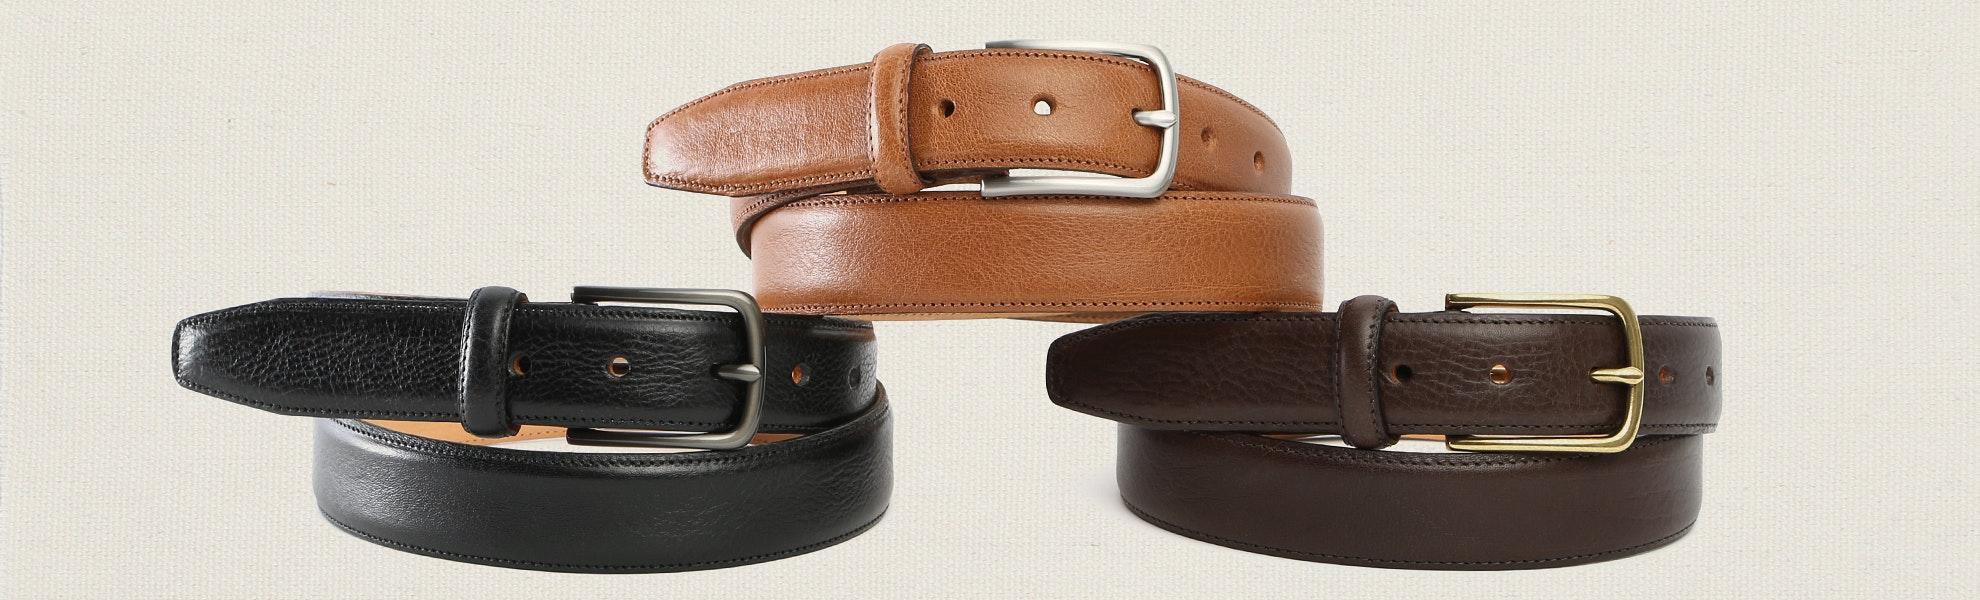 The British Belt Co. Miller Belt